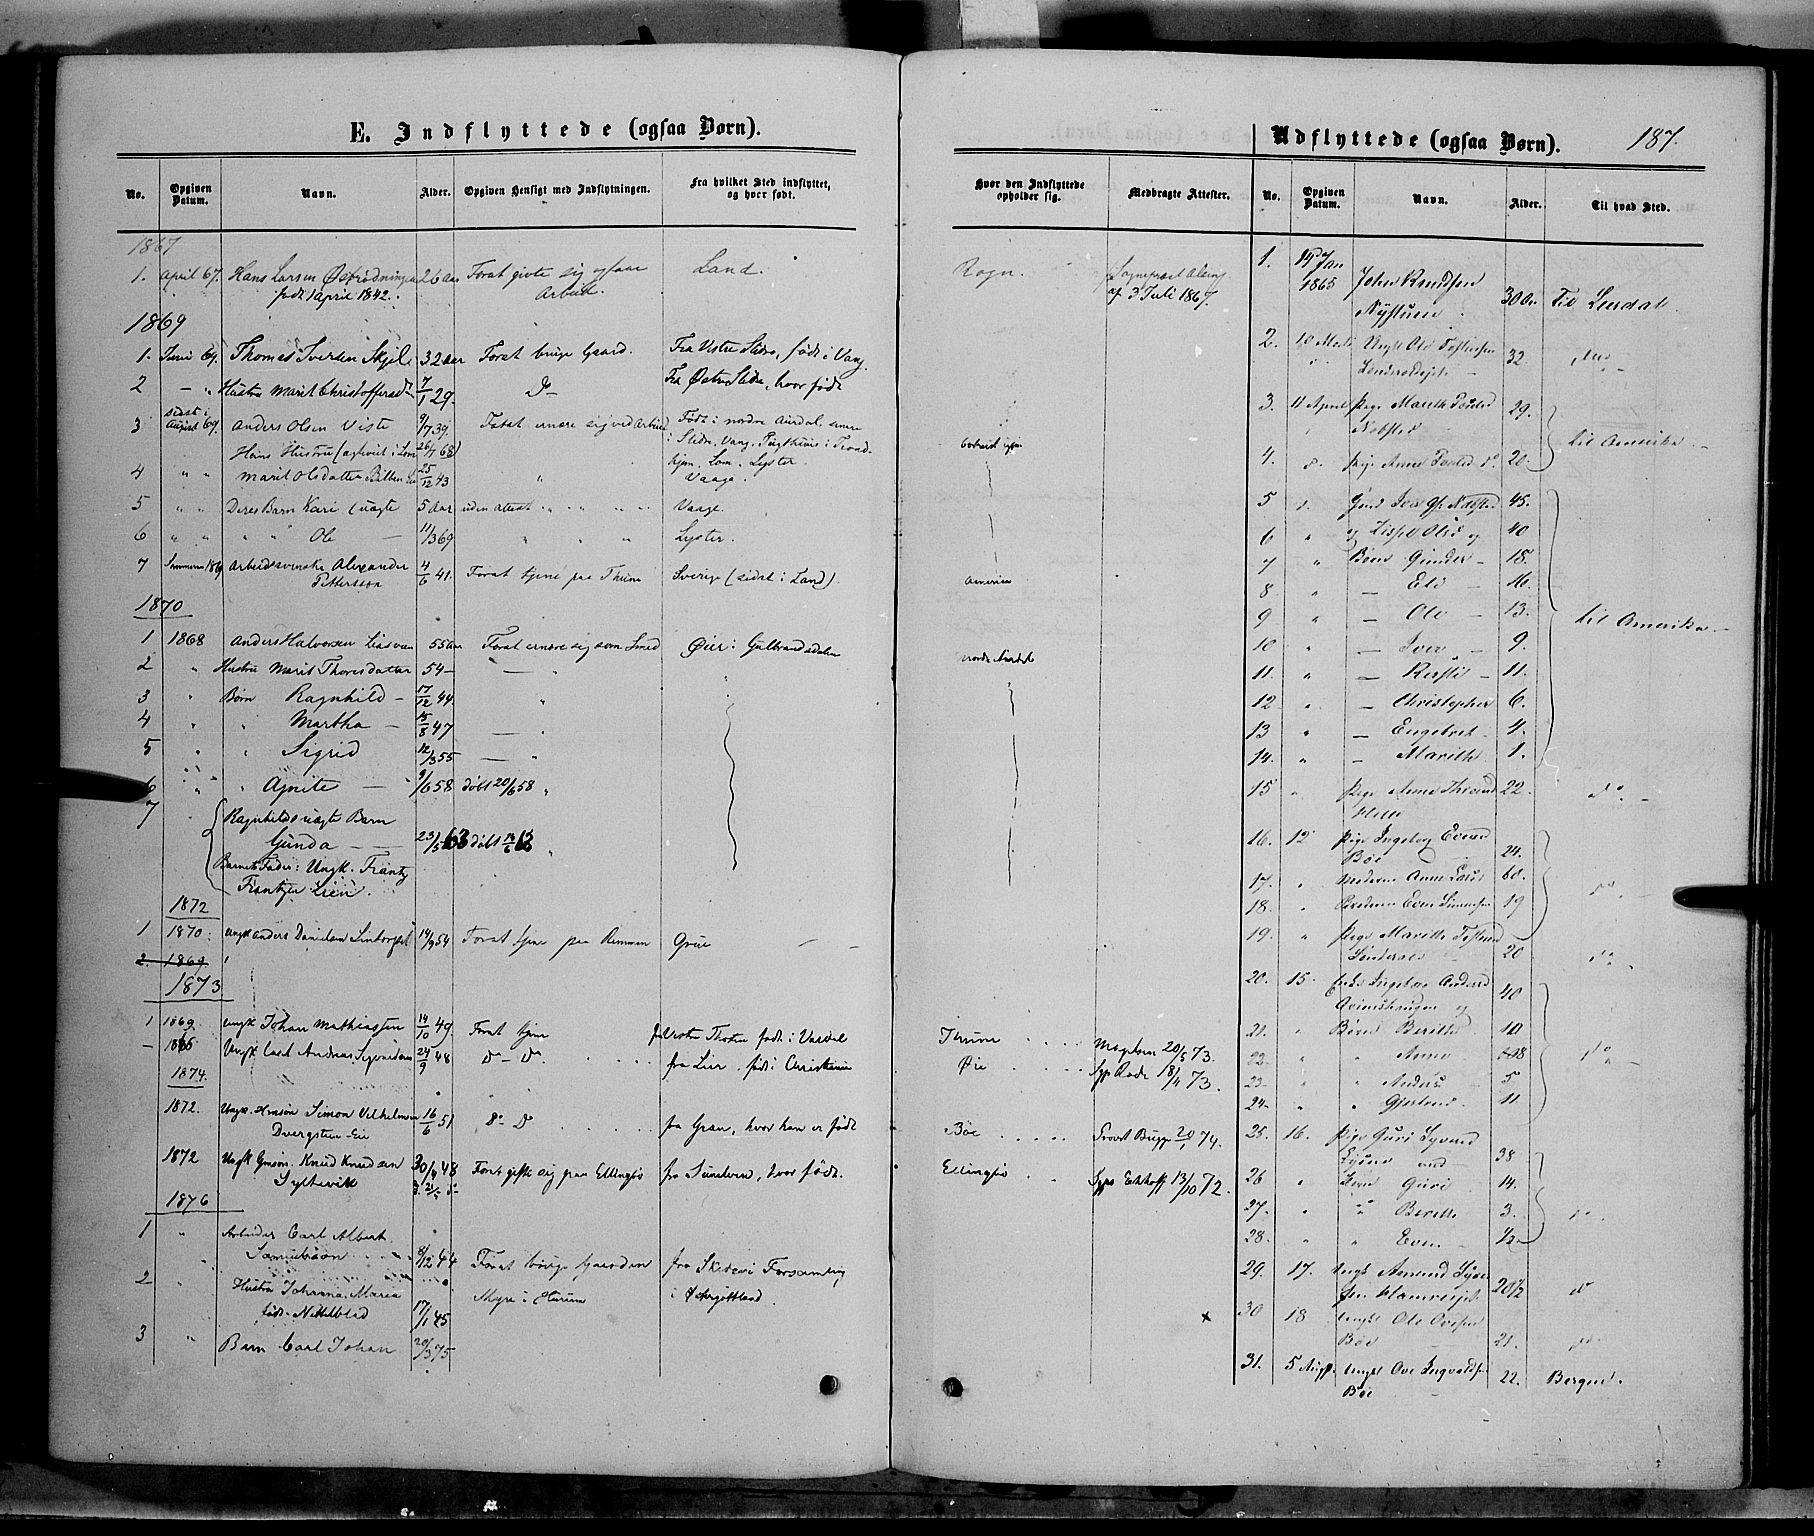 SAH, Vang prestekontor, Valdres, Ministerialbok nr. 7, 1865-1881, s. 187